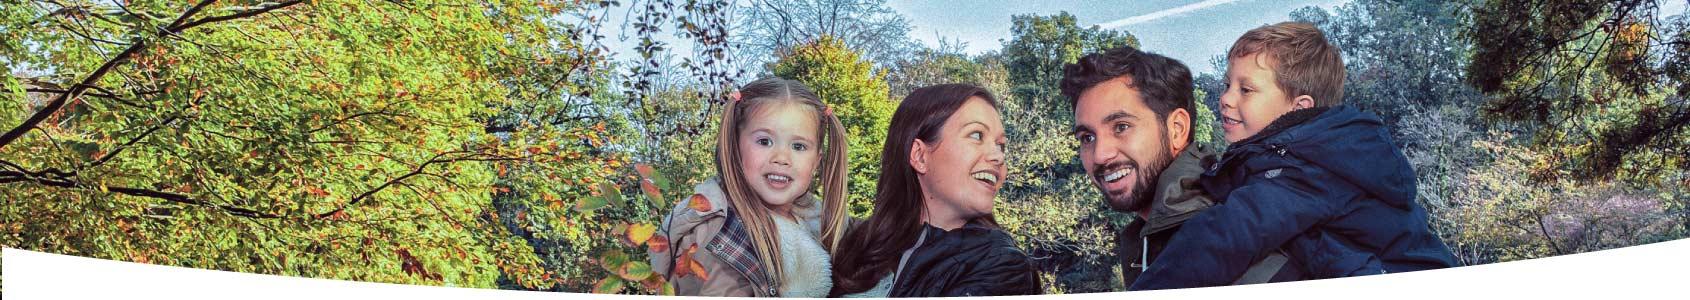 Gezin met twee kinderen in het park in Den Haag